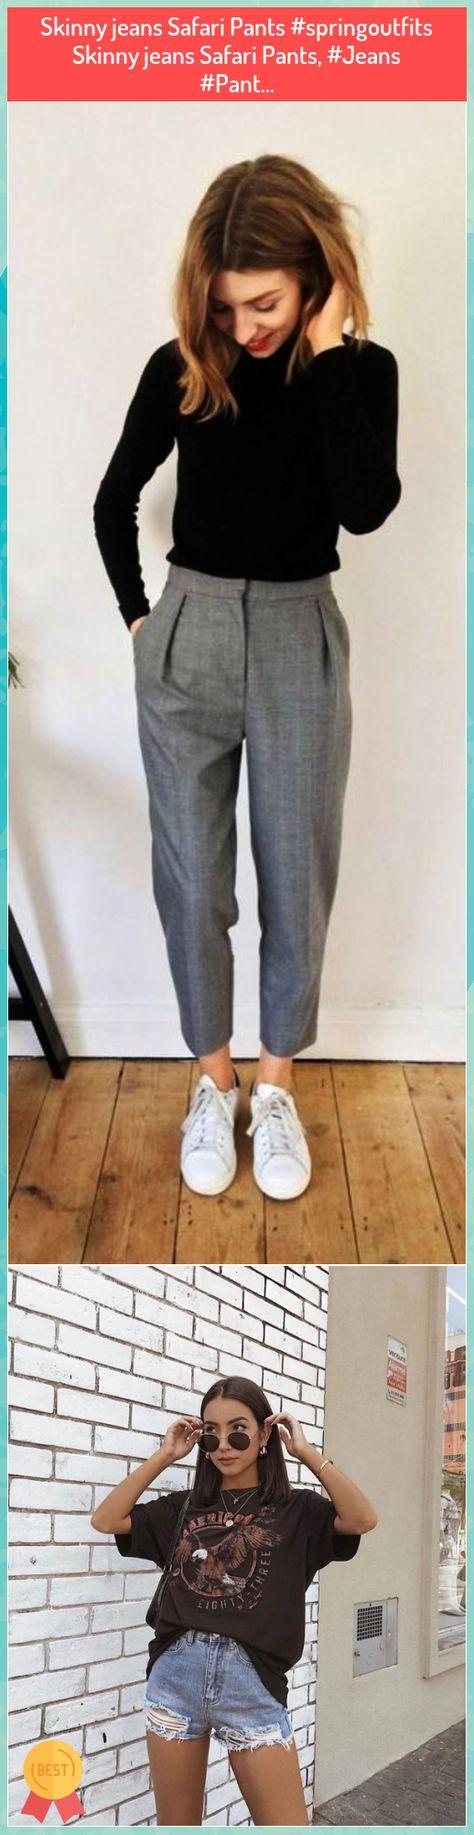 Skinny jeans Safari Pants #springoutfits Skinny jeans Safari Pants, #Jeans #Pant... #Skinny #jeans #Safari #Pants ##springoutfits #Skinny #jeans #Safari #Pants, ##Jeans ##Pant...